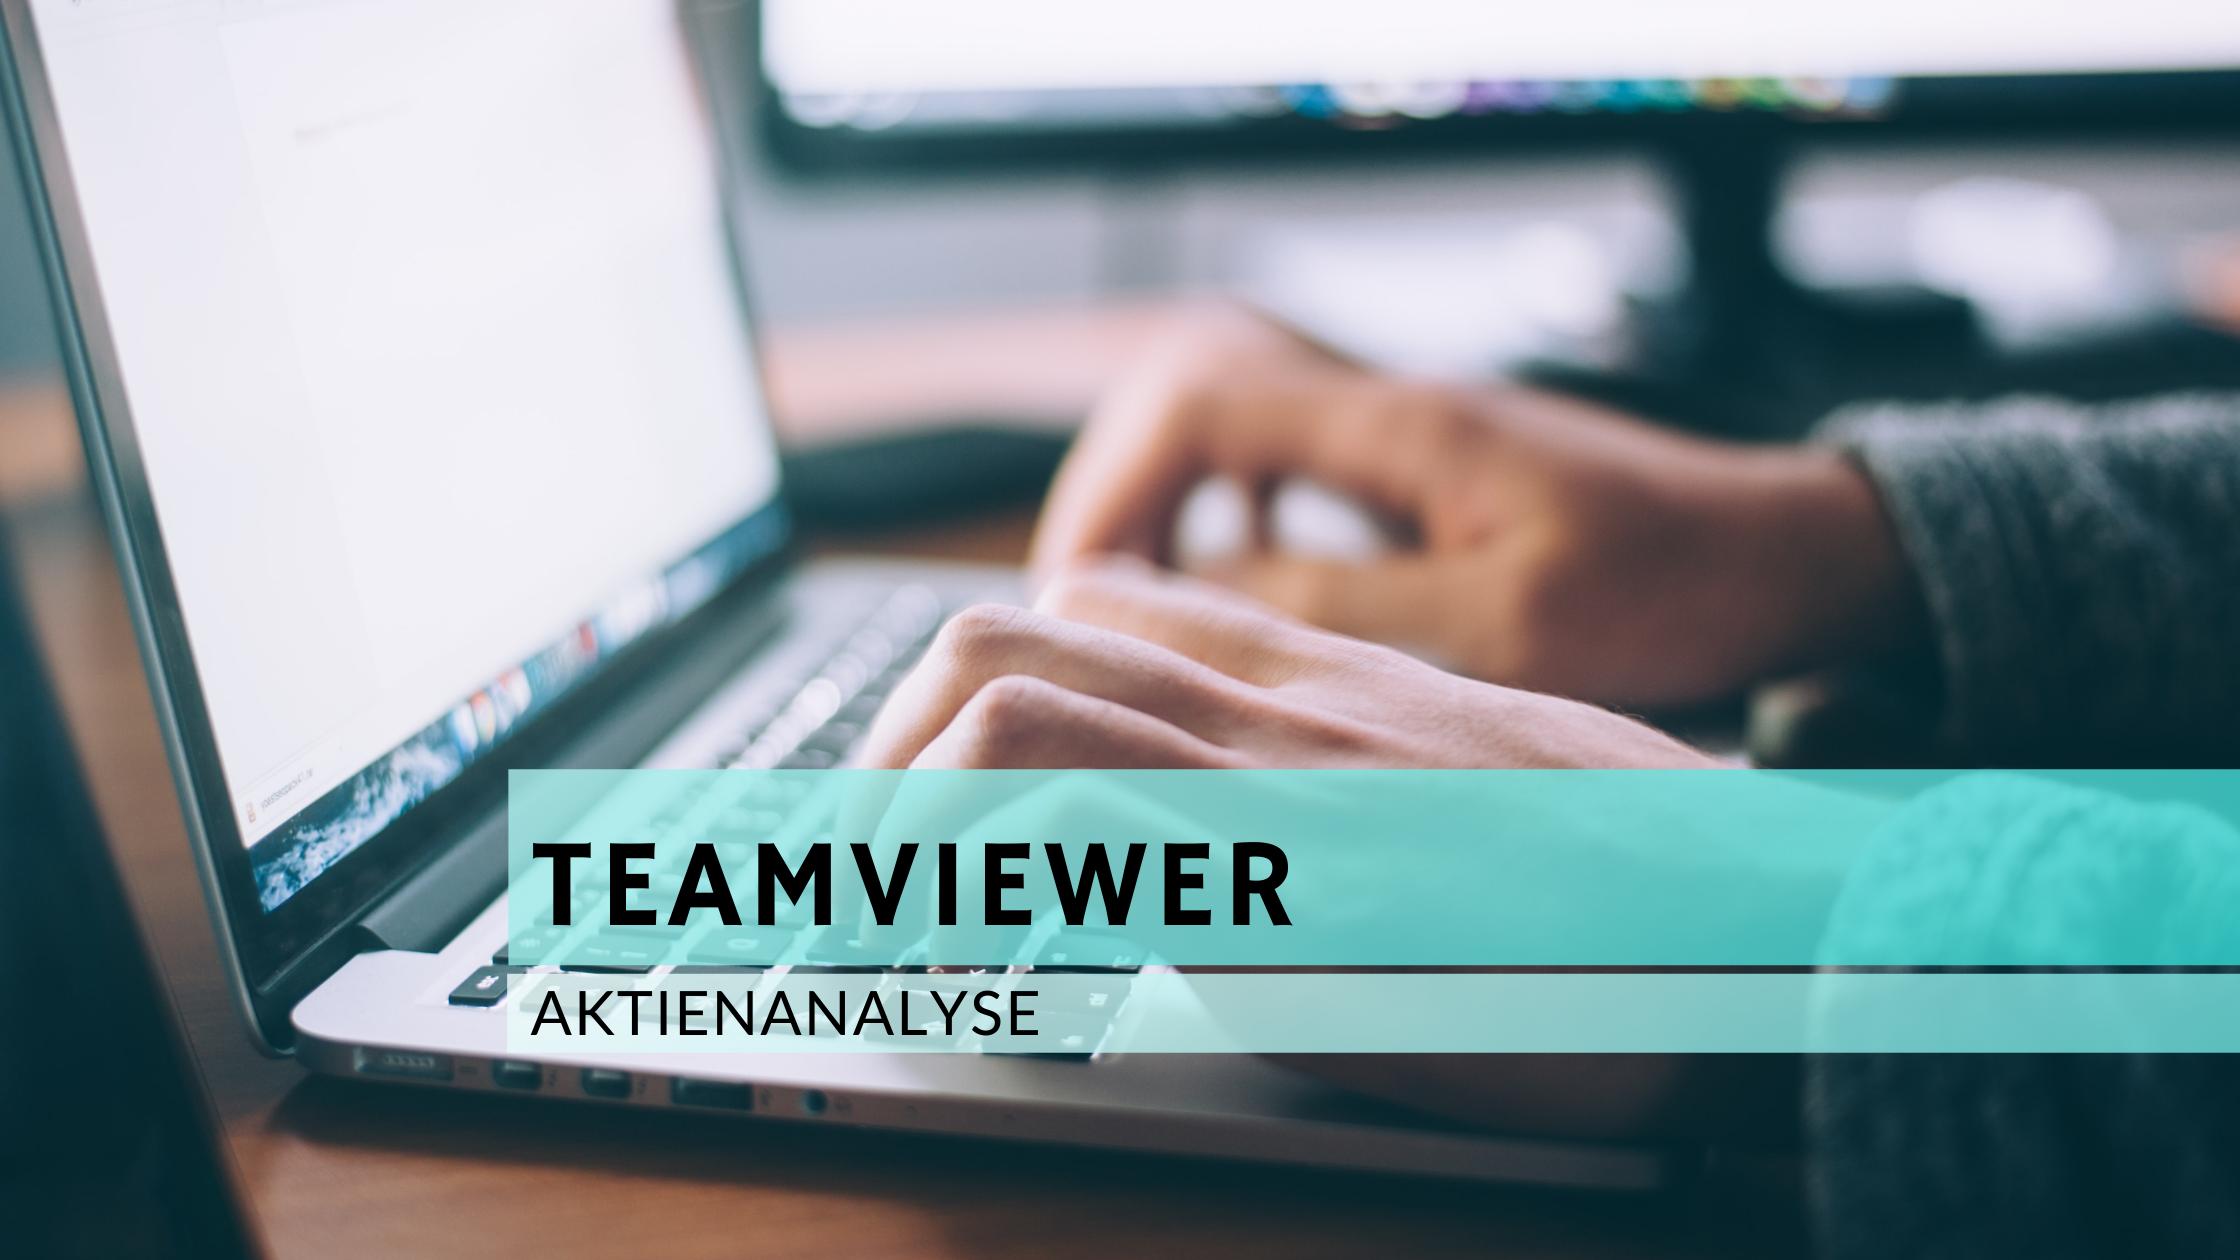 TeamViewer Aktienanalyse